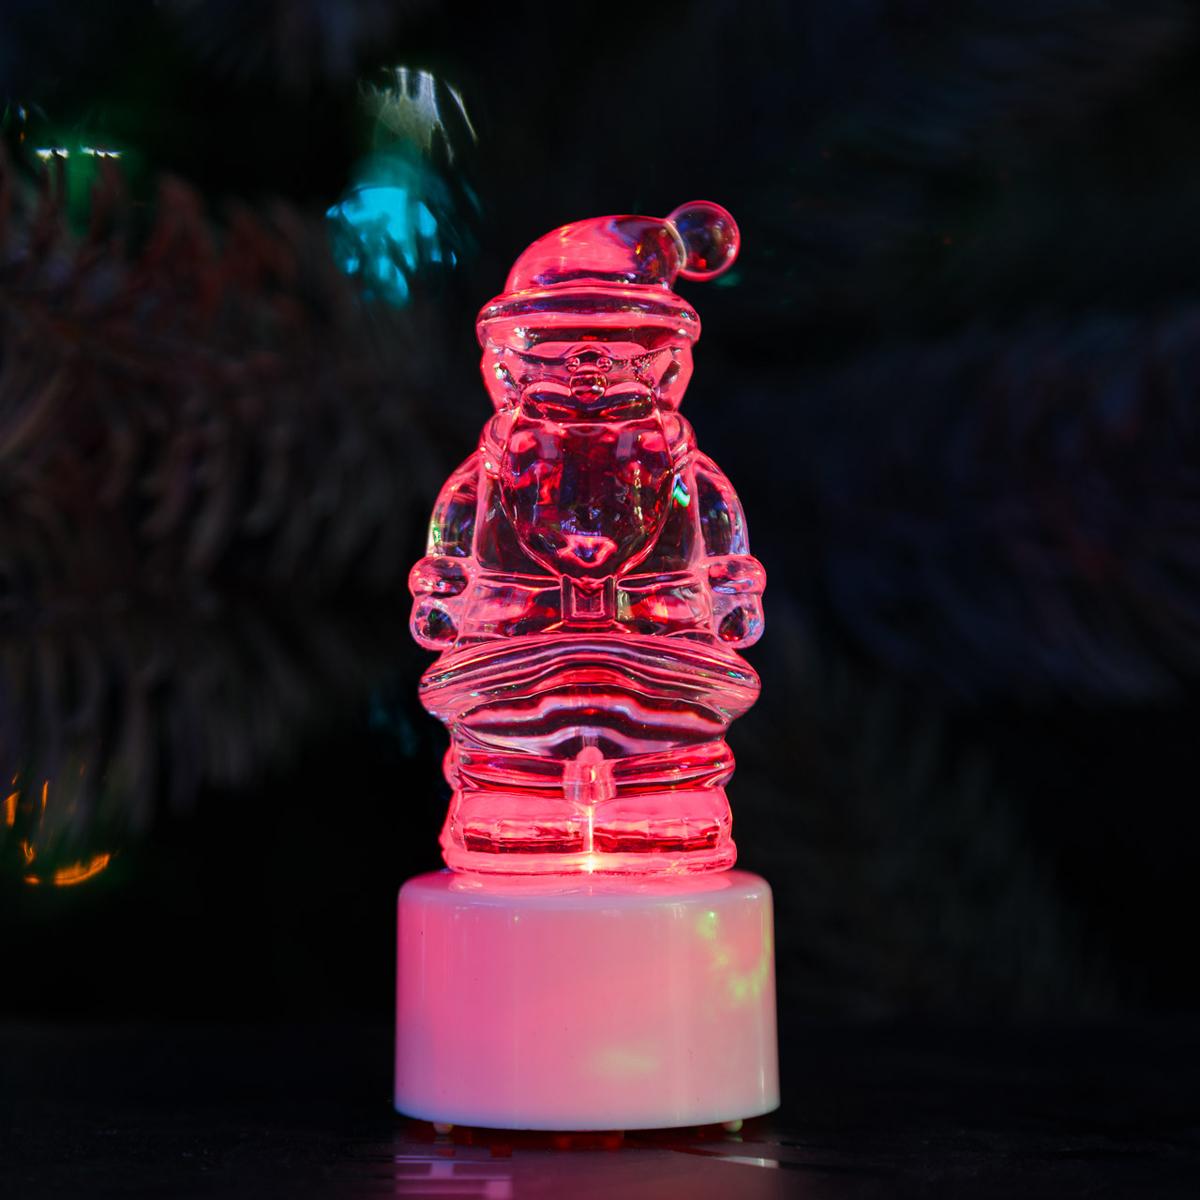 Фигура светодиодная на подставке Санта Клаус, RGB501-040Светодиодная фигура на подставке Санта Клаус станет прекрасным украшением домашнего интерьера, рабочего стола или послужит просто символичным новогодним комплиментом. Фигура работает от батареек LR44 (в комплекте), плавная смена цвета (RGB) создаст приятное праздничное настроение.